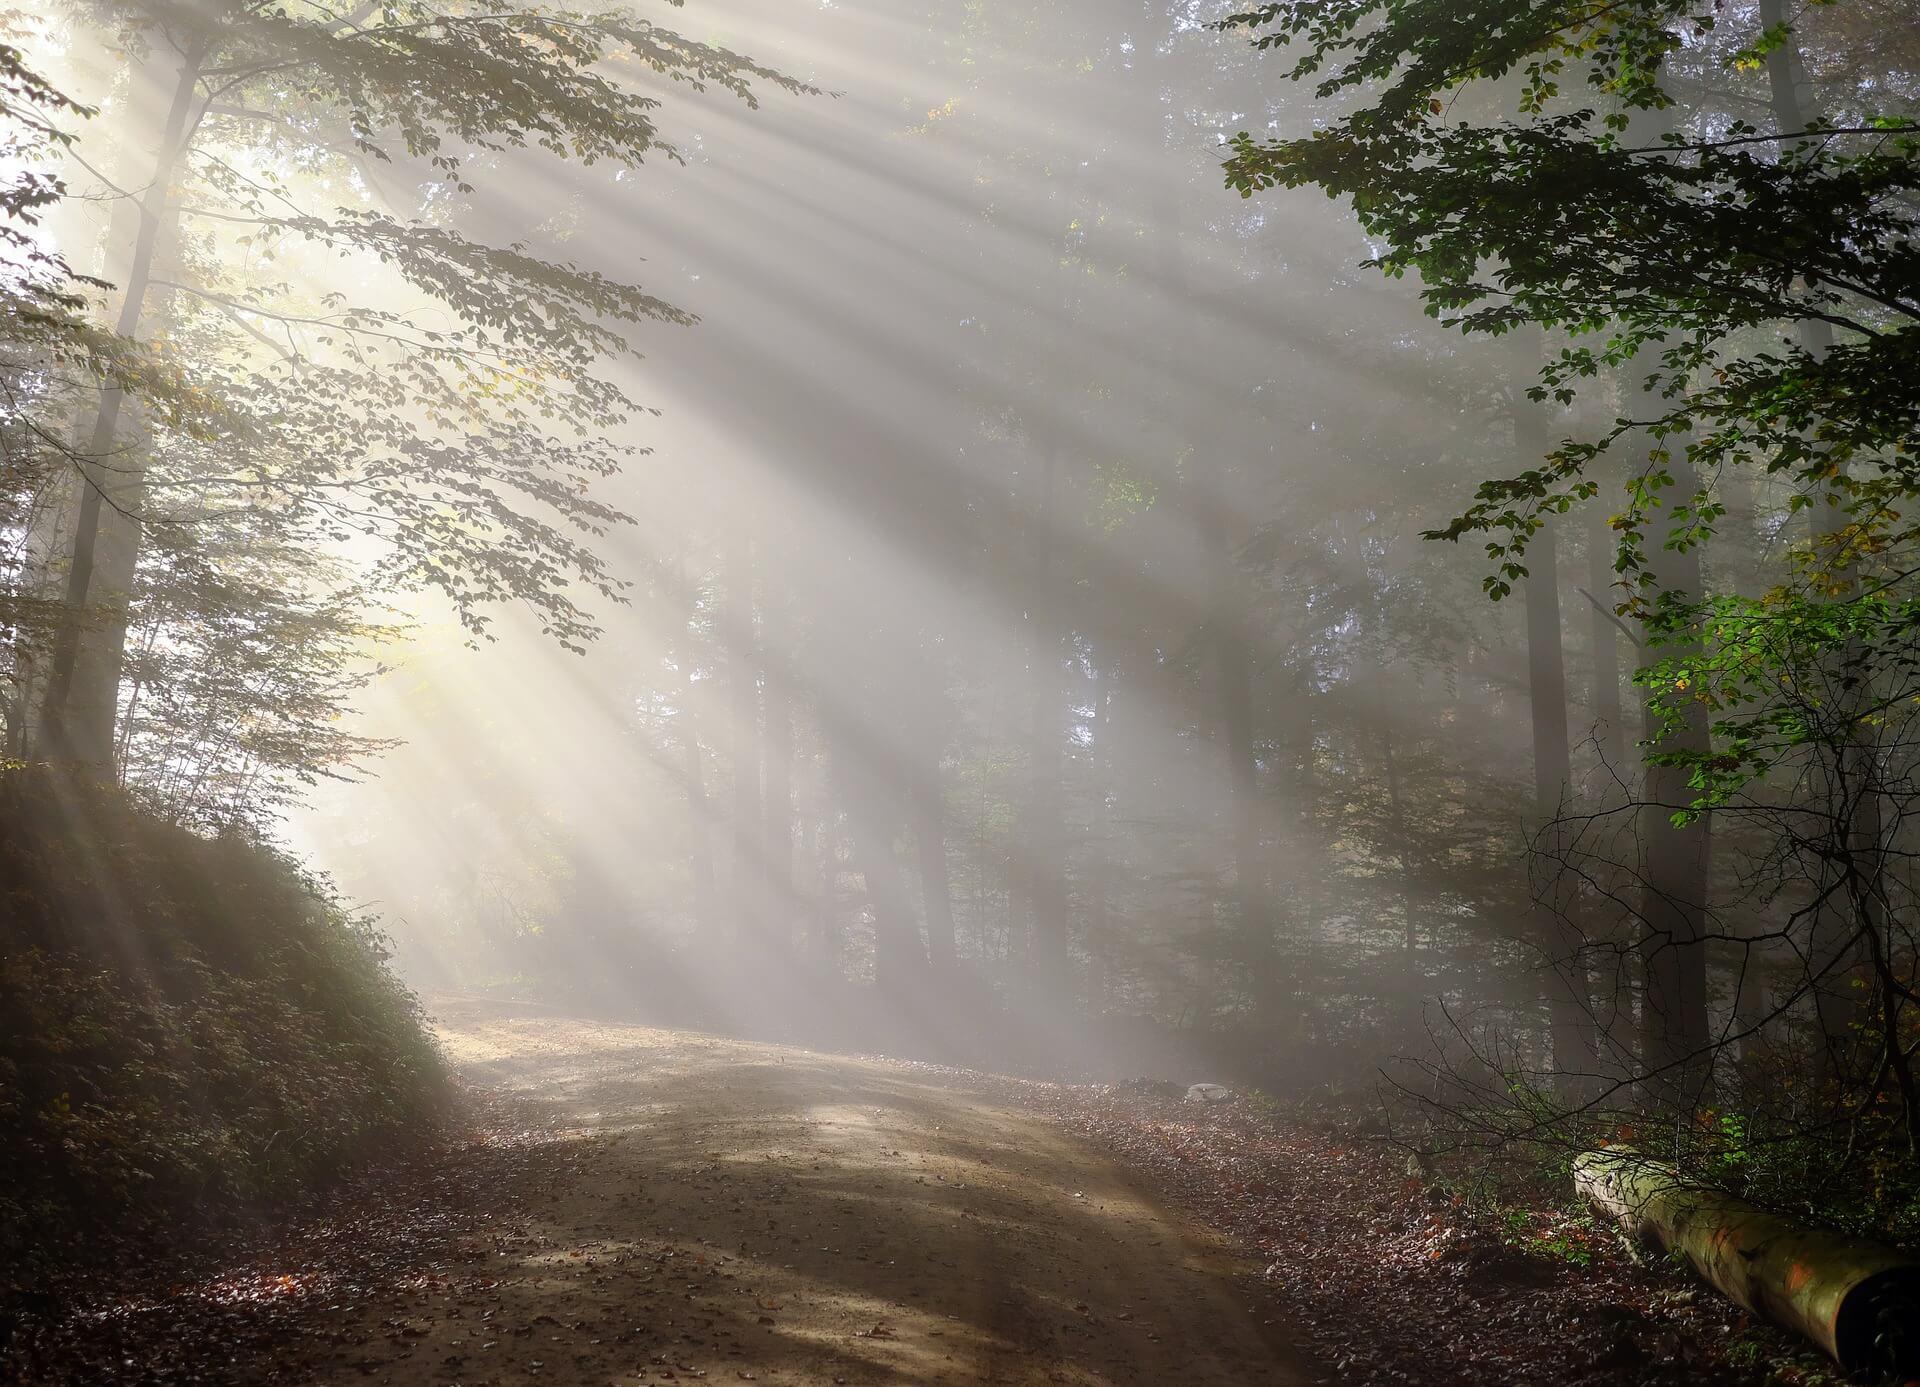 Schwarzwald Morgen Wald mit Weg mit Nebel